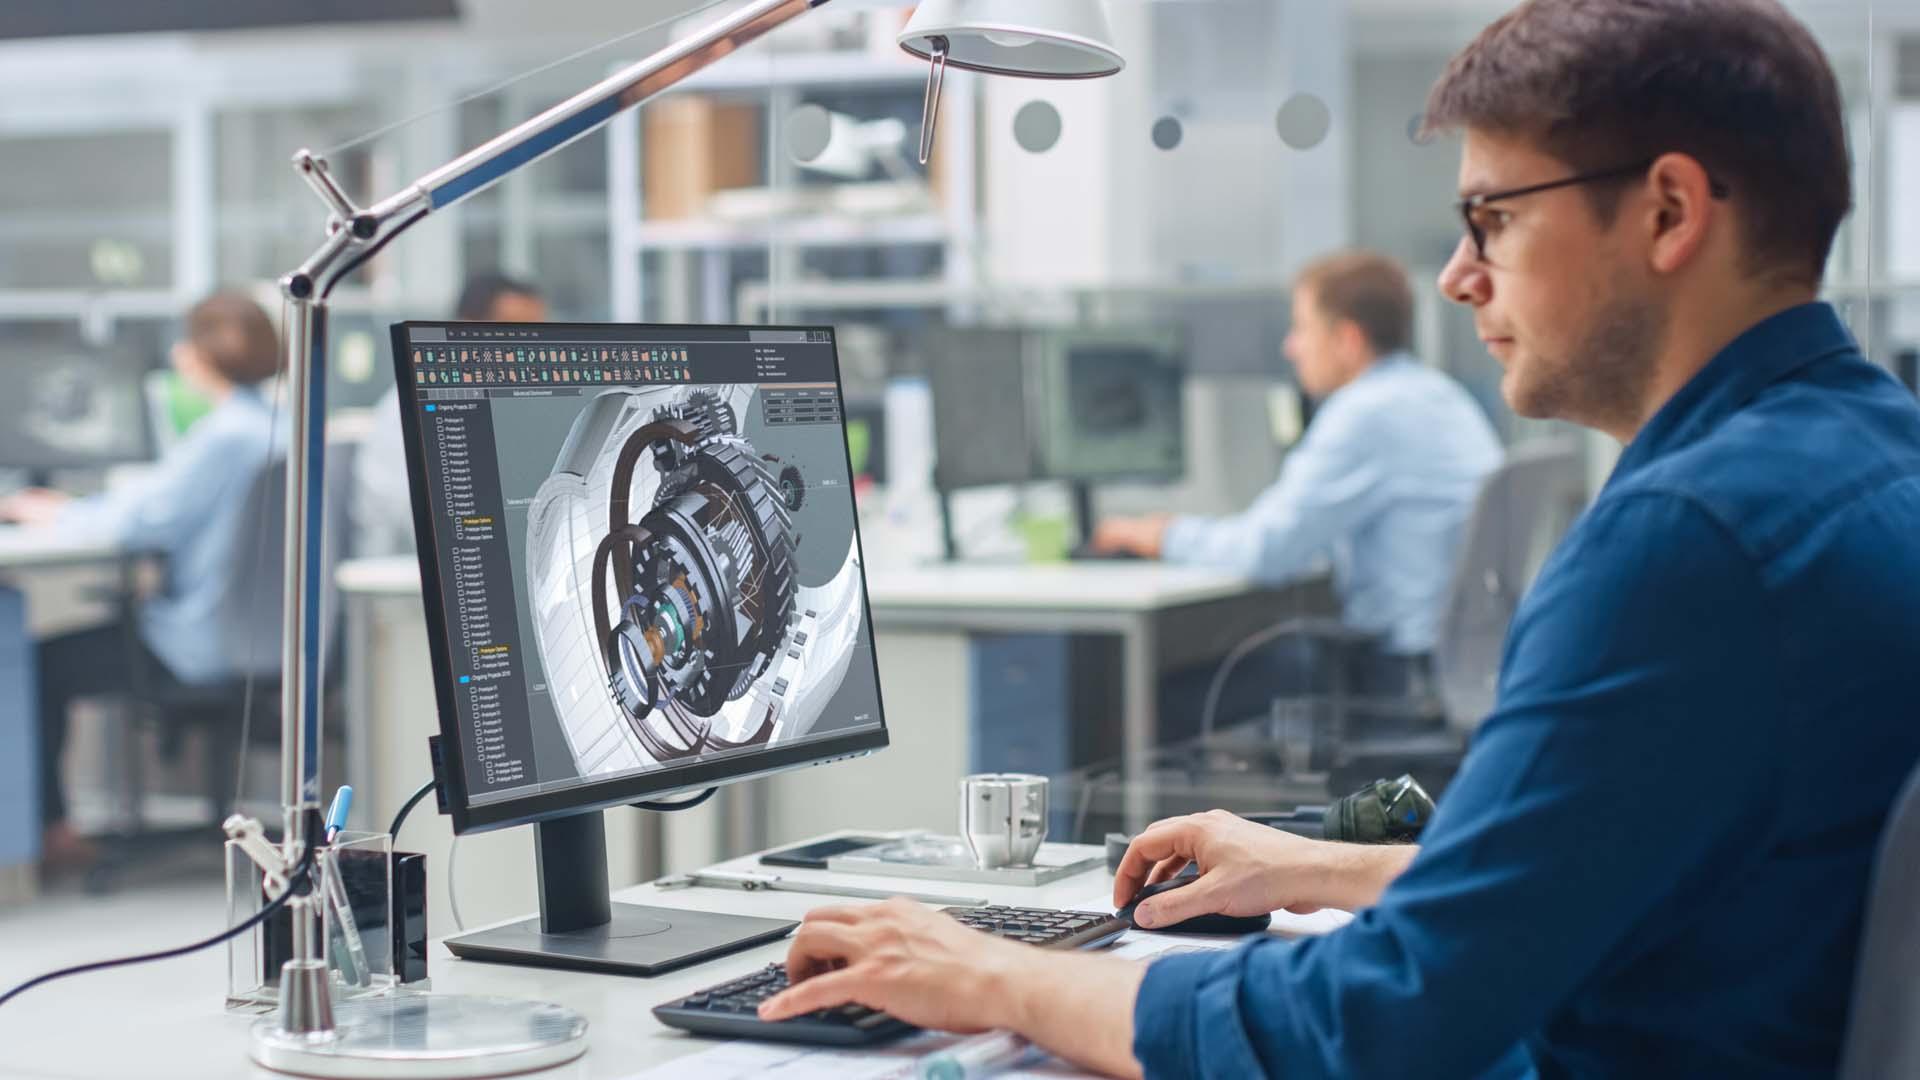 Spitzer Engineering Ingenieurbüro Anlagenbau Maschinenbau Technisches Büro